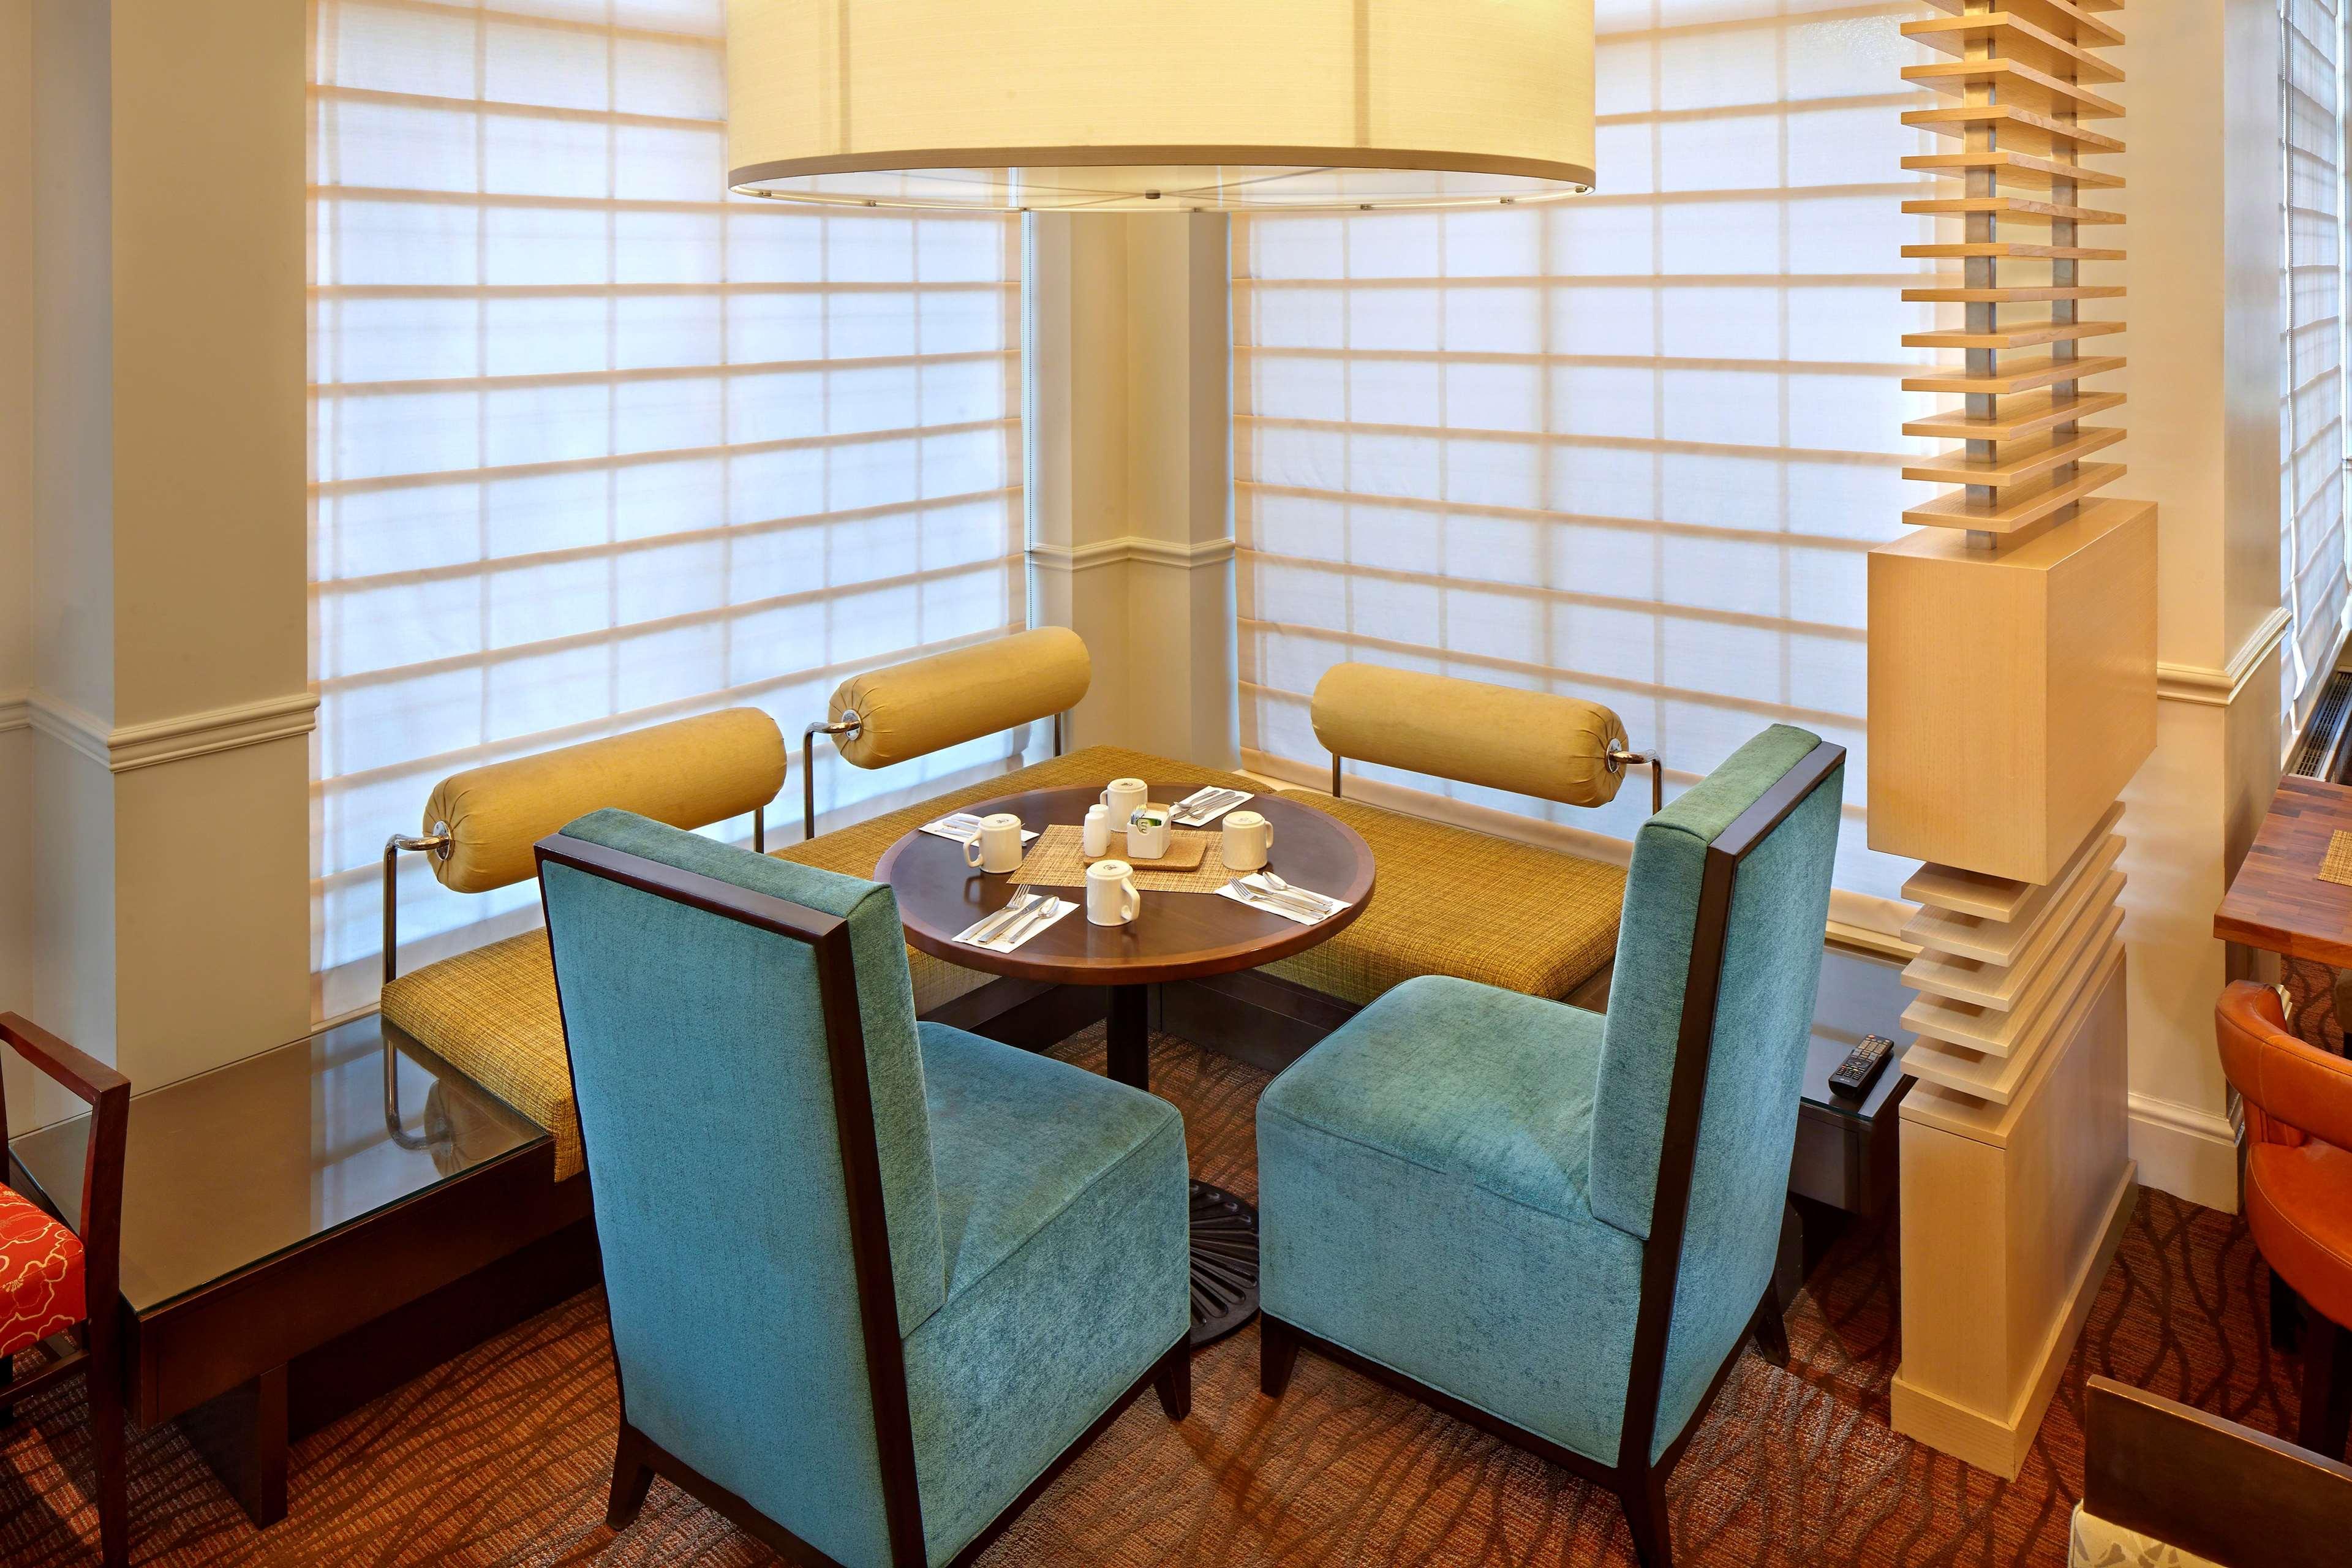 Hilton Garden Inn Danbury image 5